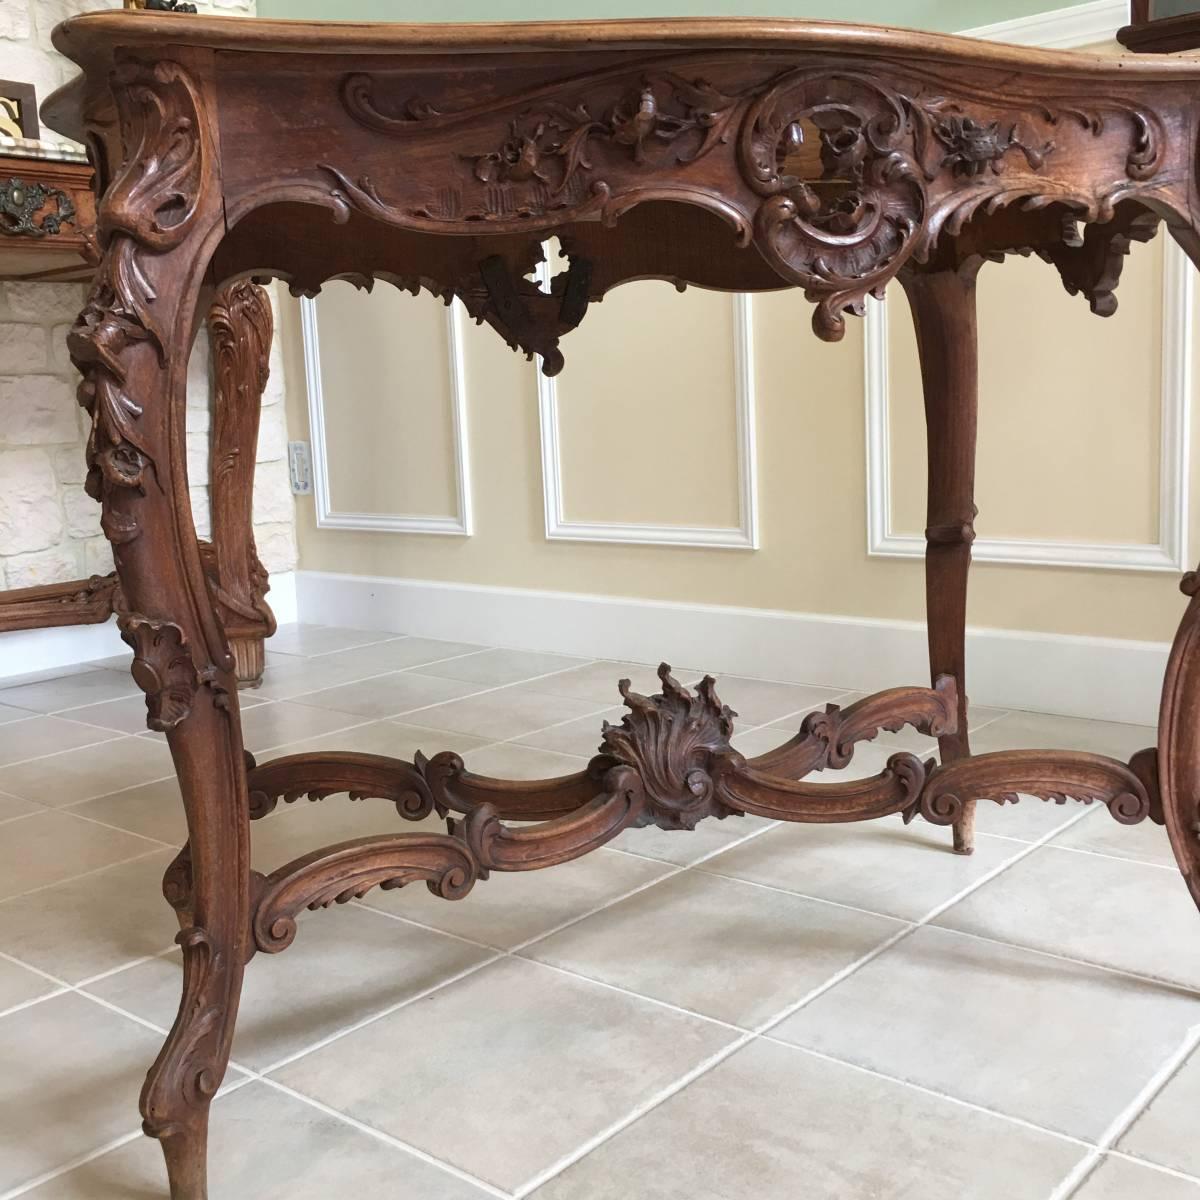 フランスアンティーク テーブル アンティークテーブル 19世紀 コンソールテーブル ルイ15世様式 ロココ様式 アンティーク家具_画像5